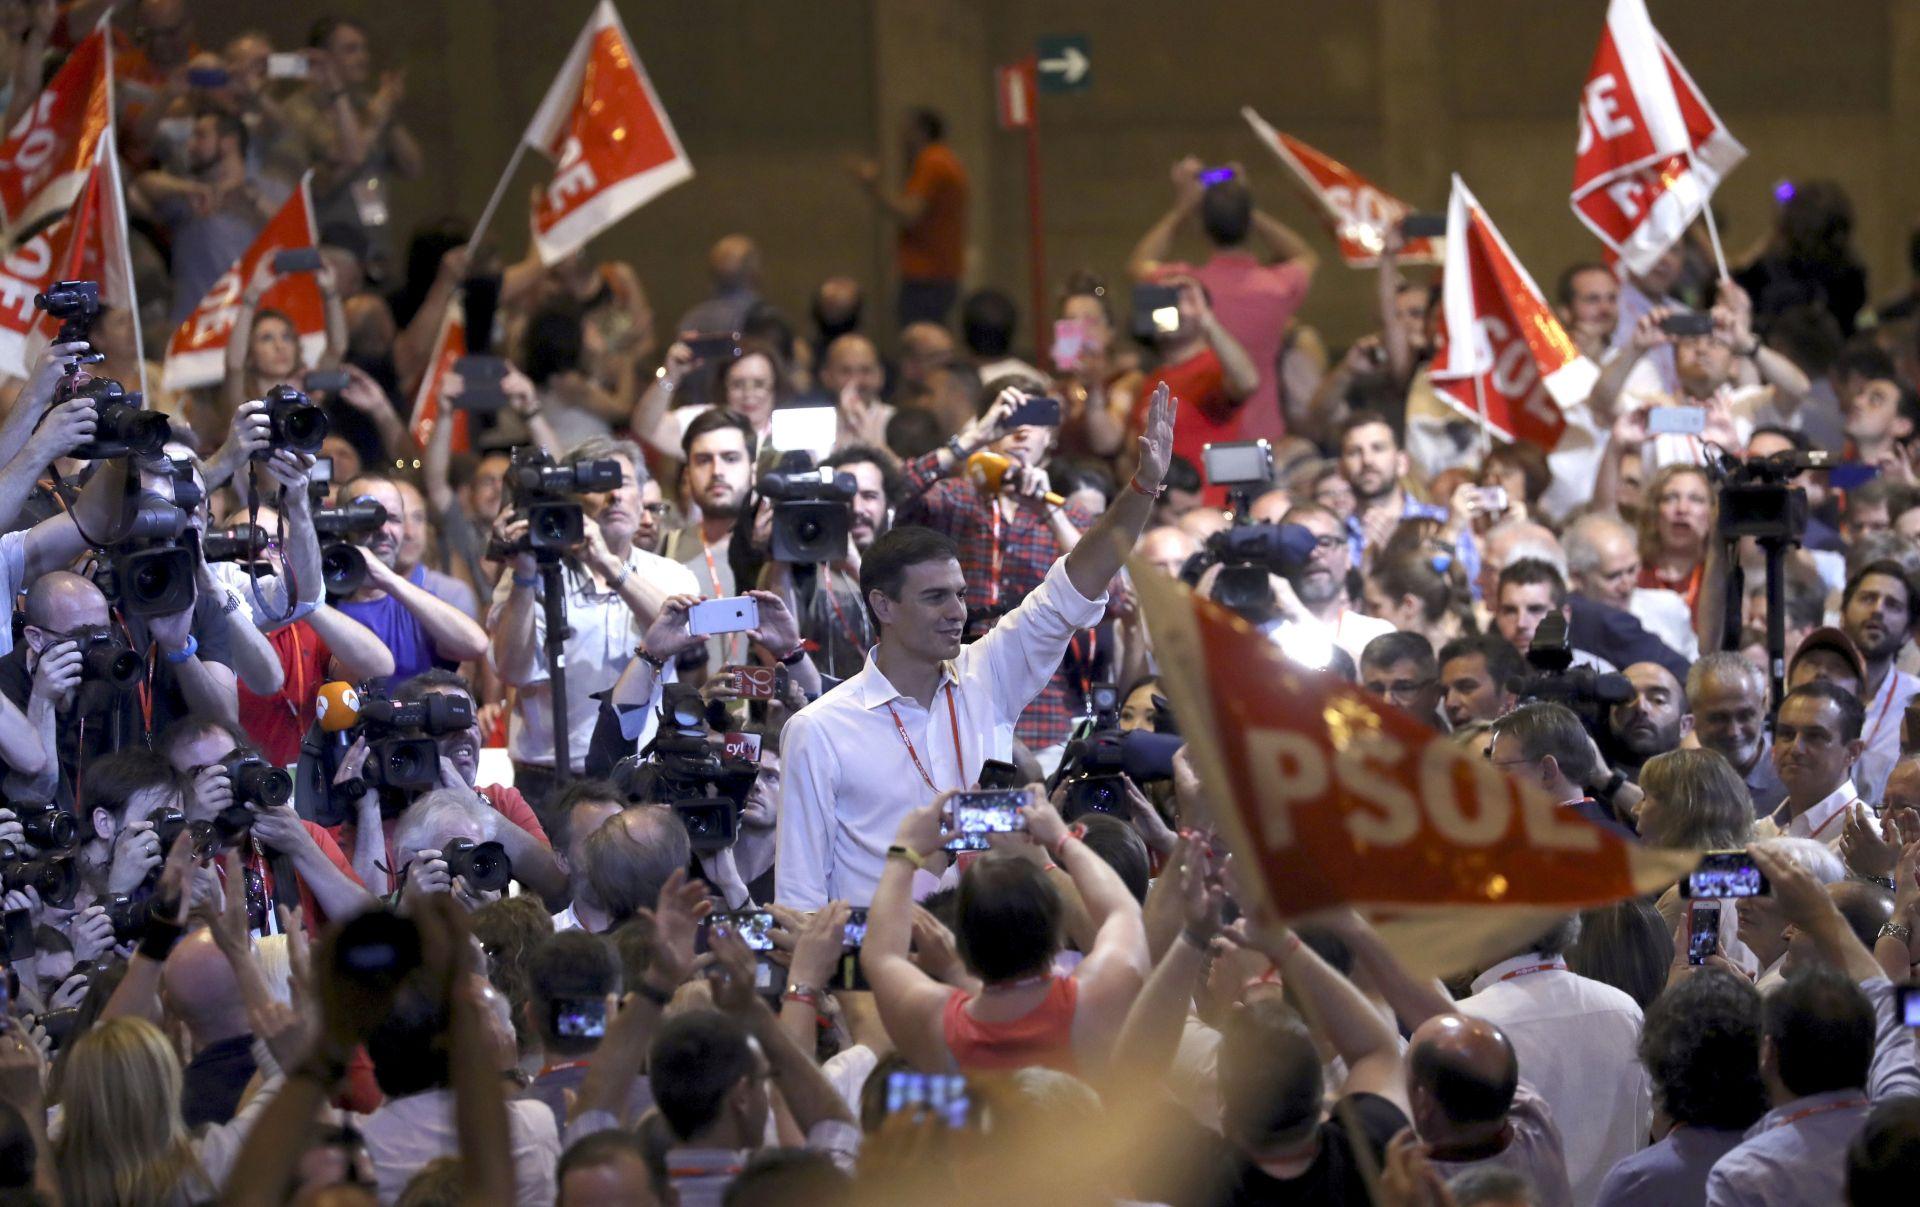 ŠPANJOLSKA Socijalisti traže savez za rušenje vlade